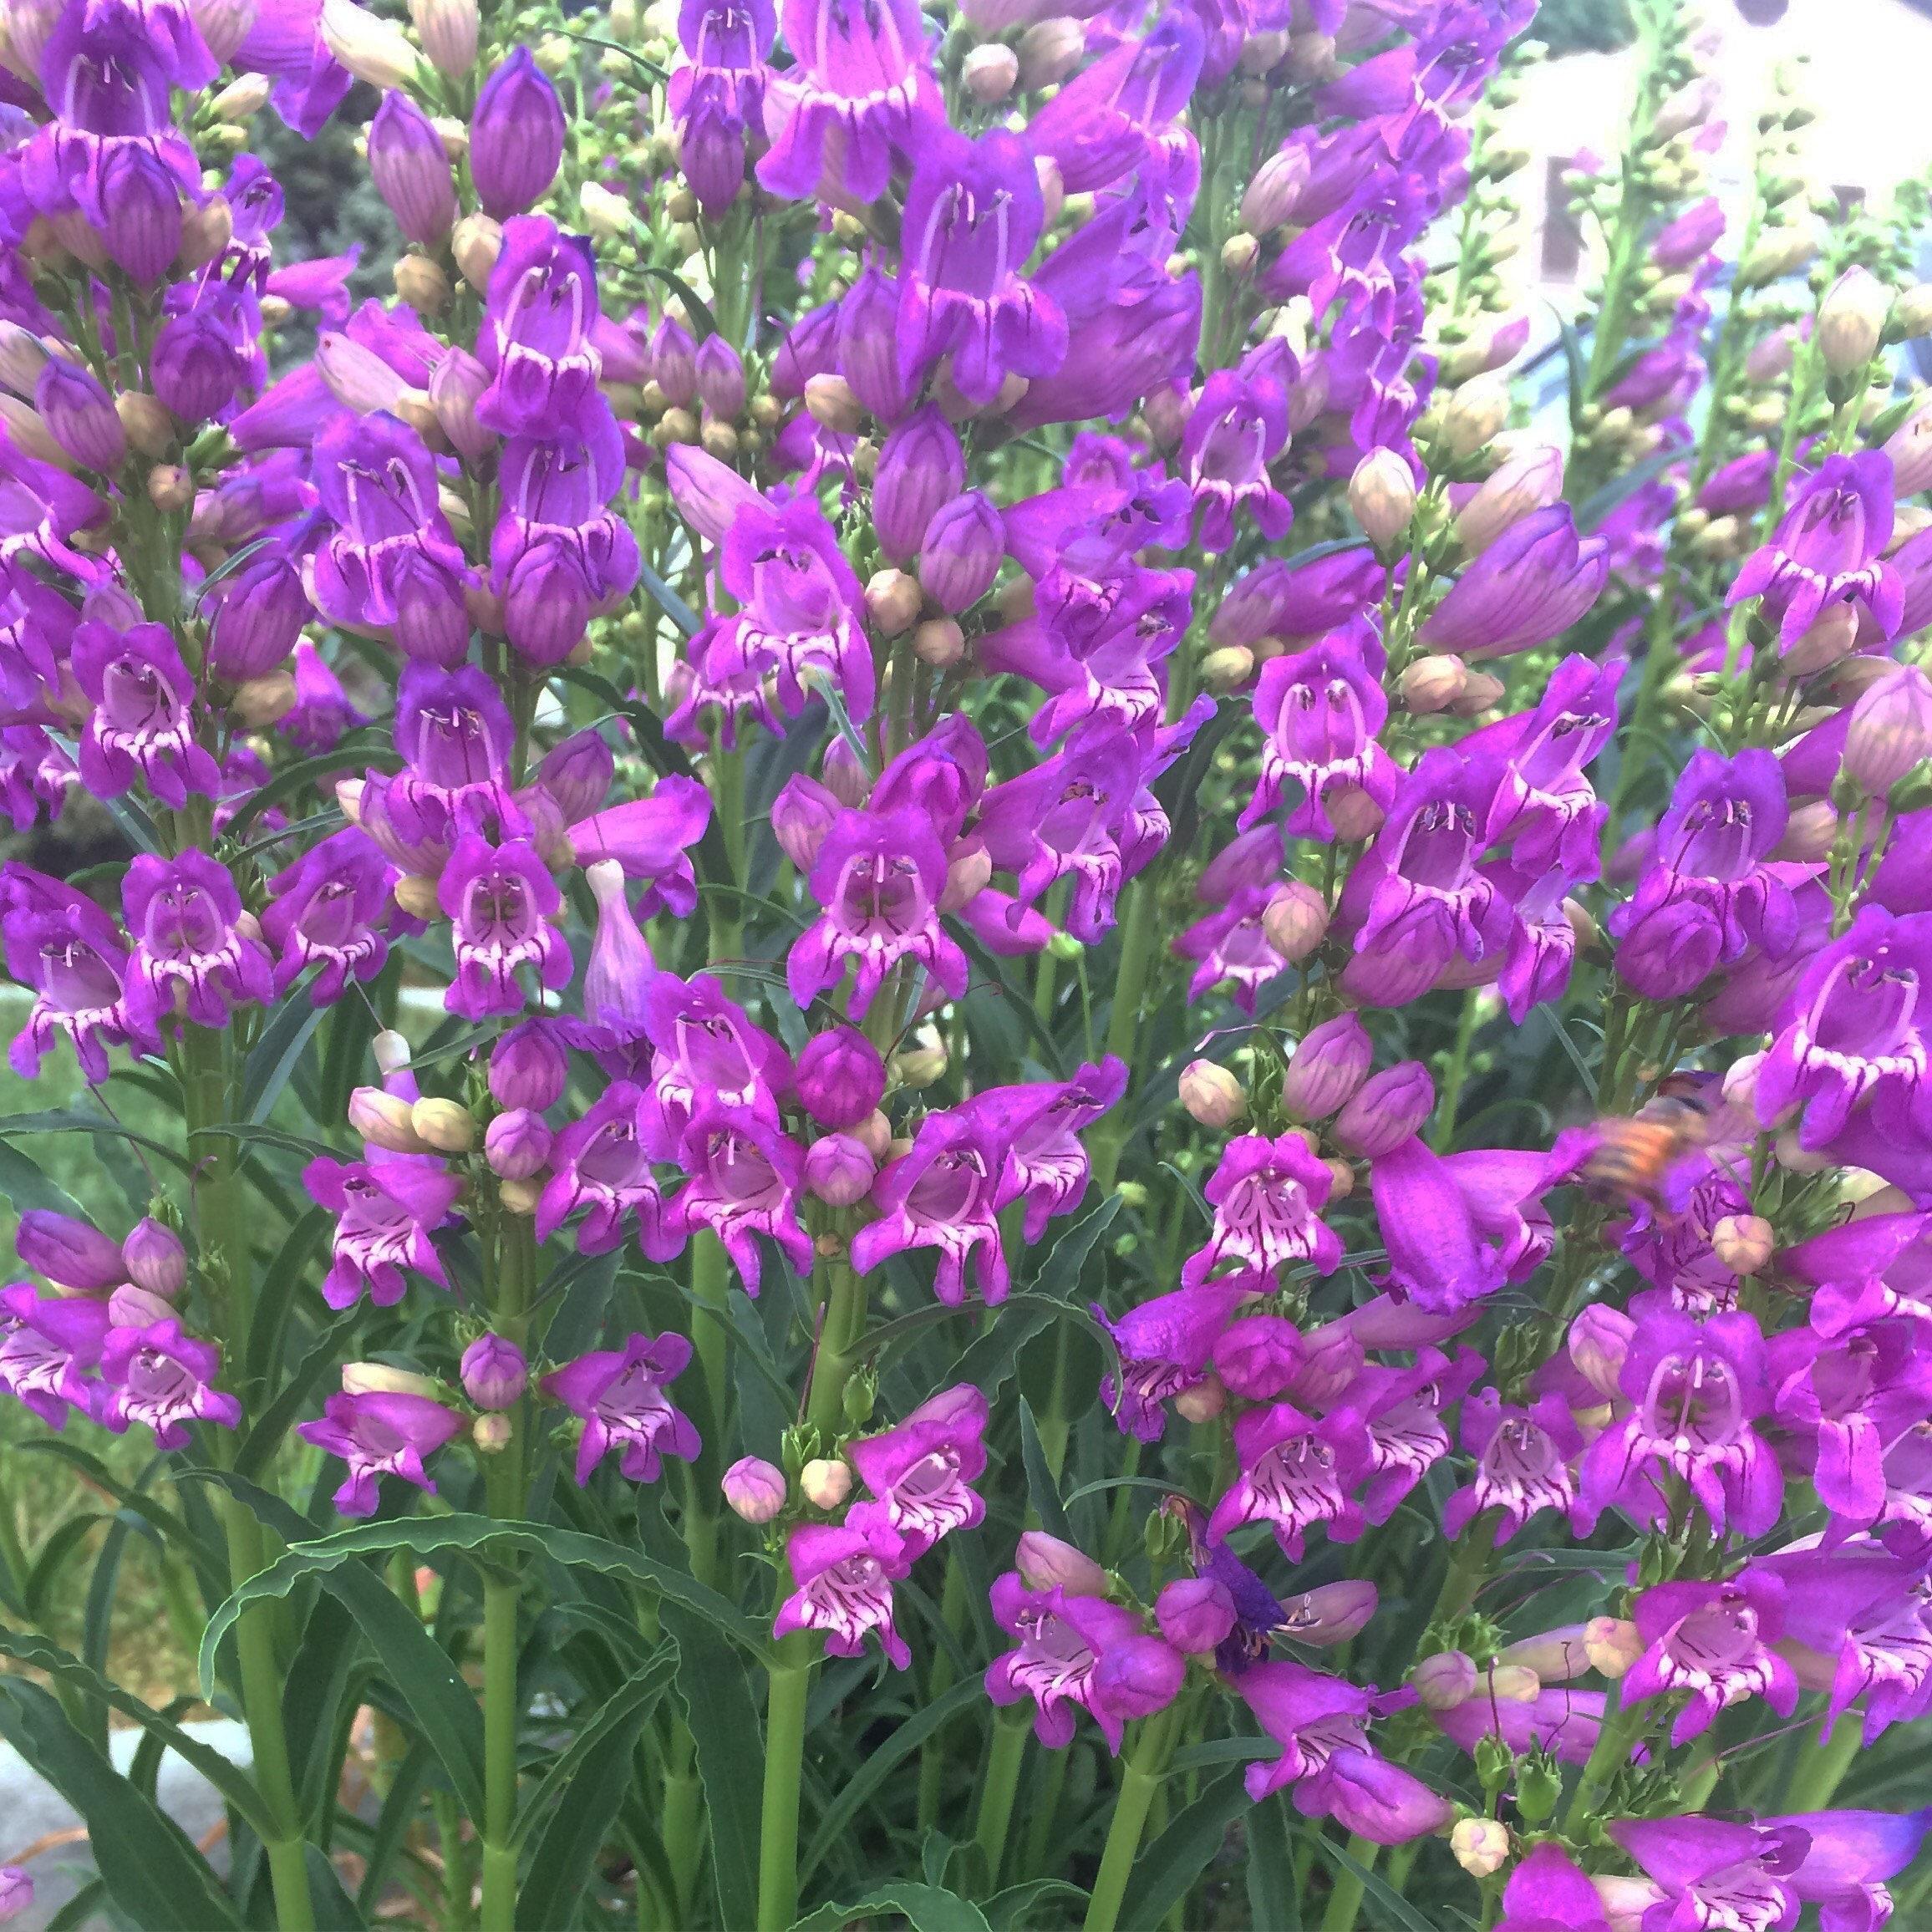 Sale Rocky Mountain Penstemon Purple Perennial Bee Friendly Flowers